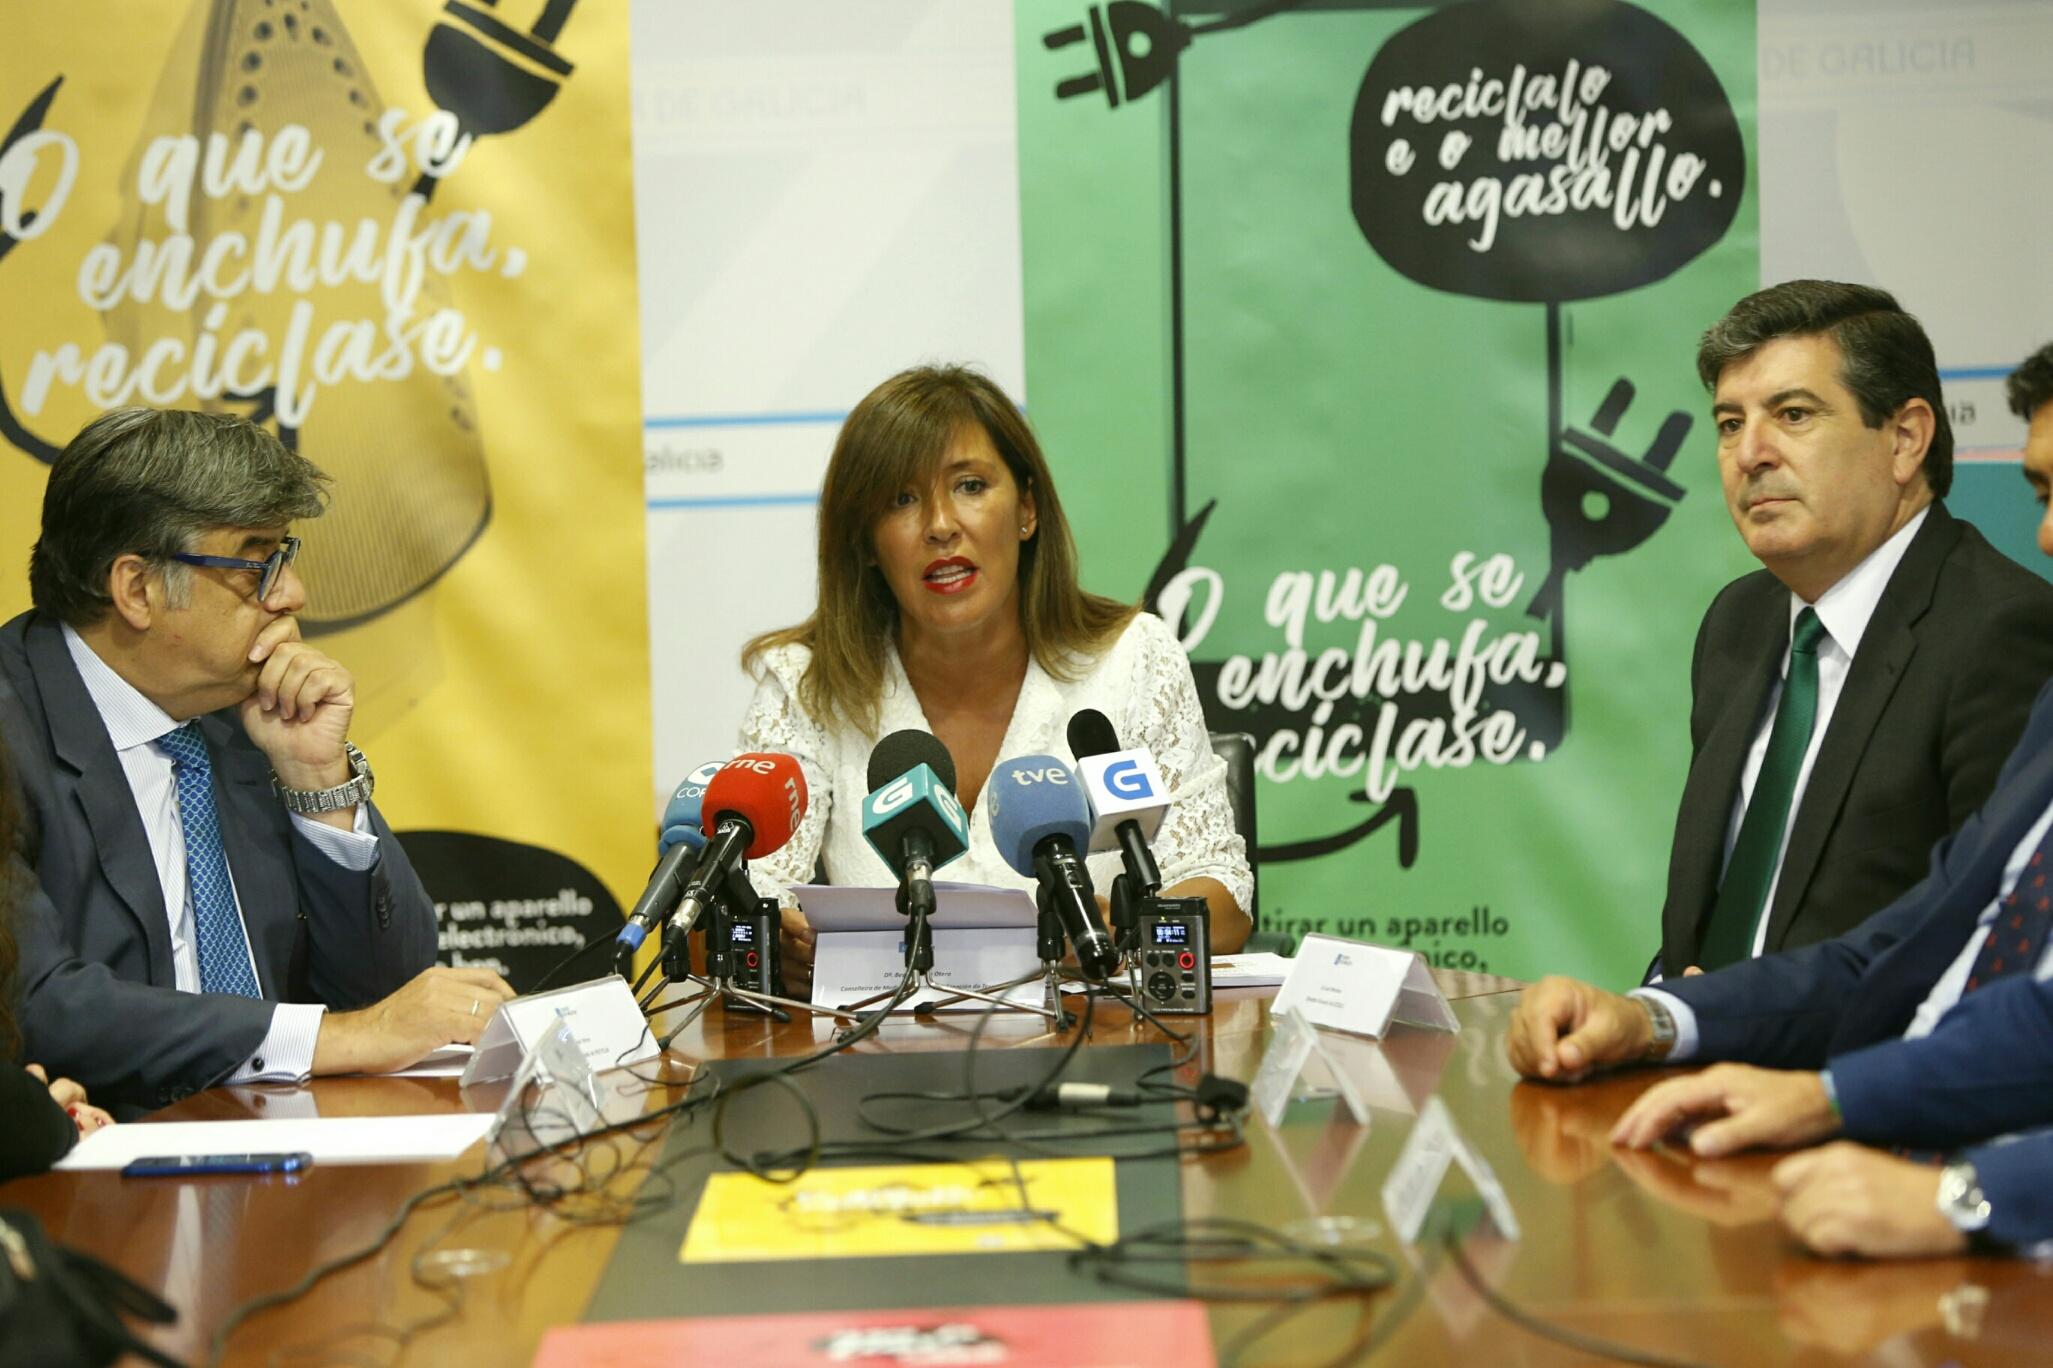 """CAMPAÑA DE LA XUNTA DE GALICIA """"O QUE SE ENCHUFA, RECÍCLASE"""""""